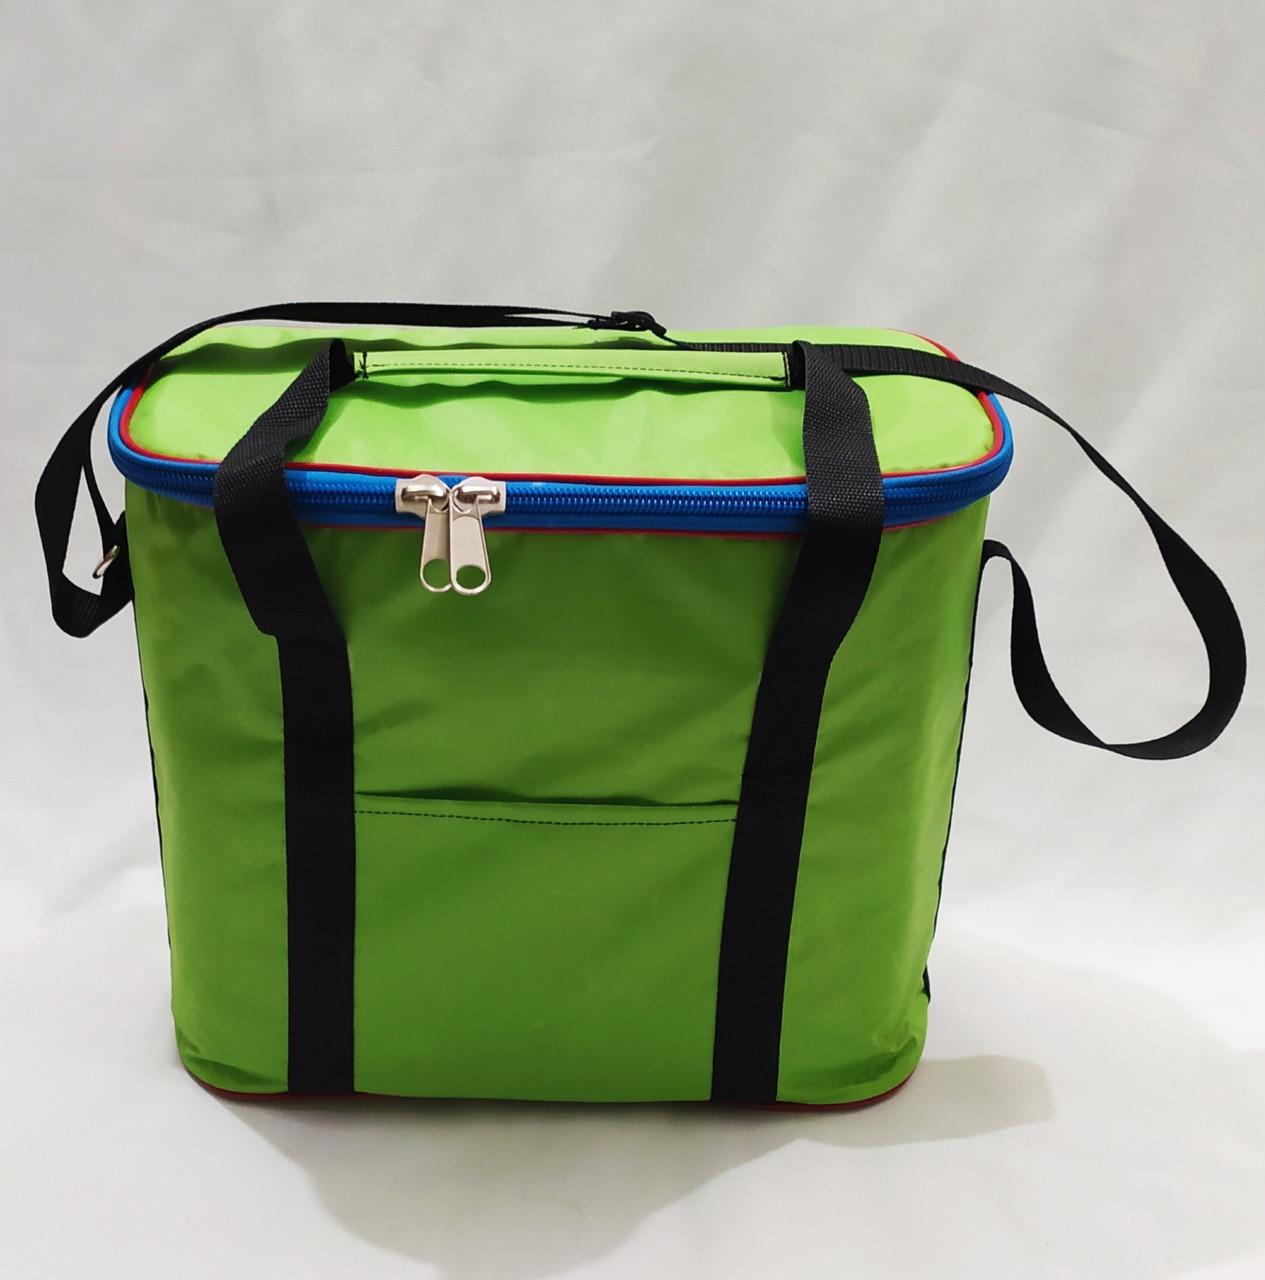 Сумка холодильник (термо сумка) 18 литров зеленая Fishmaster